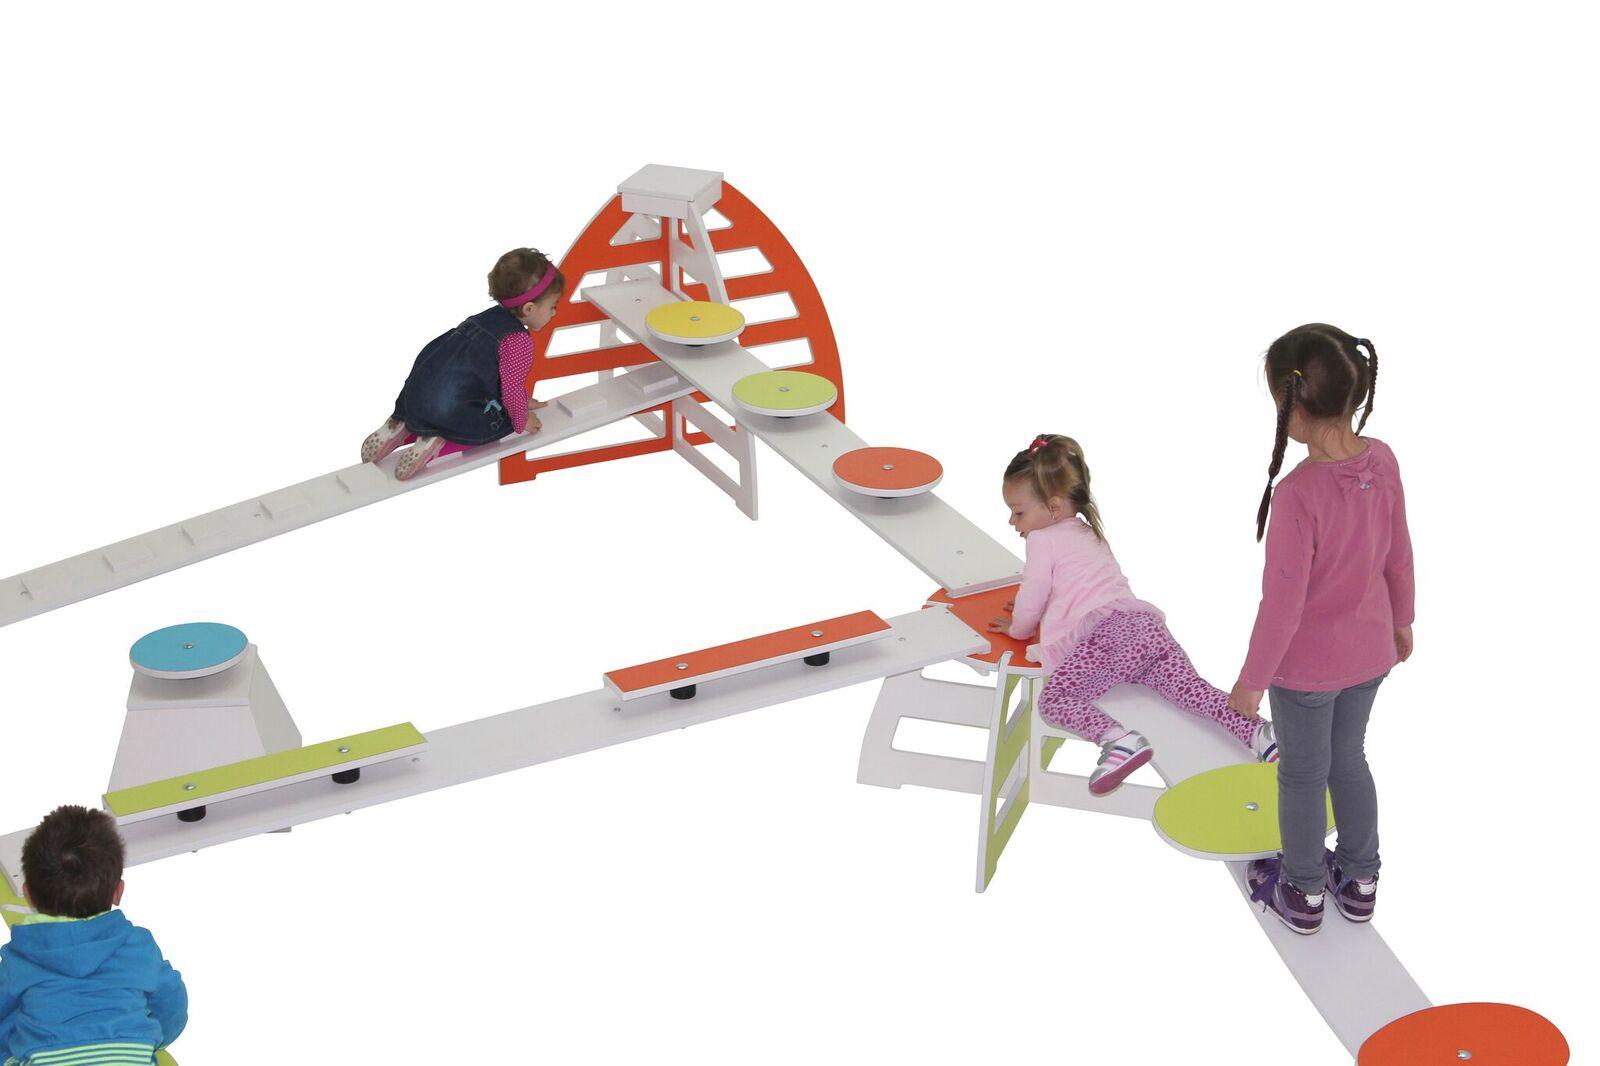 Fonkelnieuw Gym- balanceerset voor peuters - Capi Education AT-31